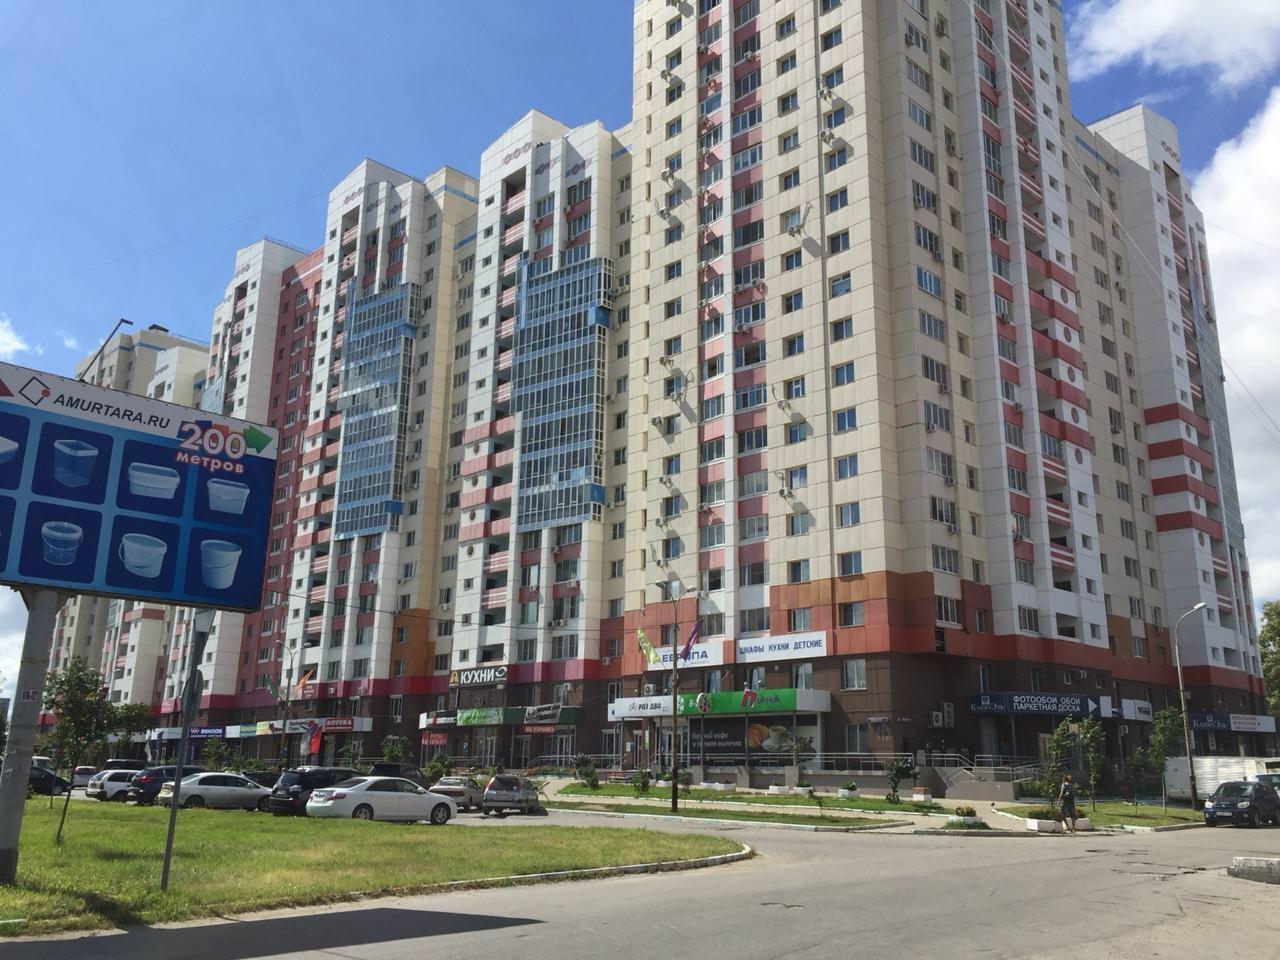 Хабаровск, улица Морозова Павла Леонтьевича, 113